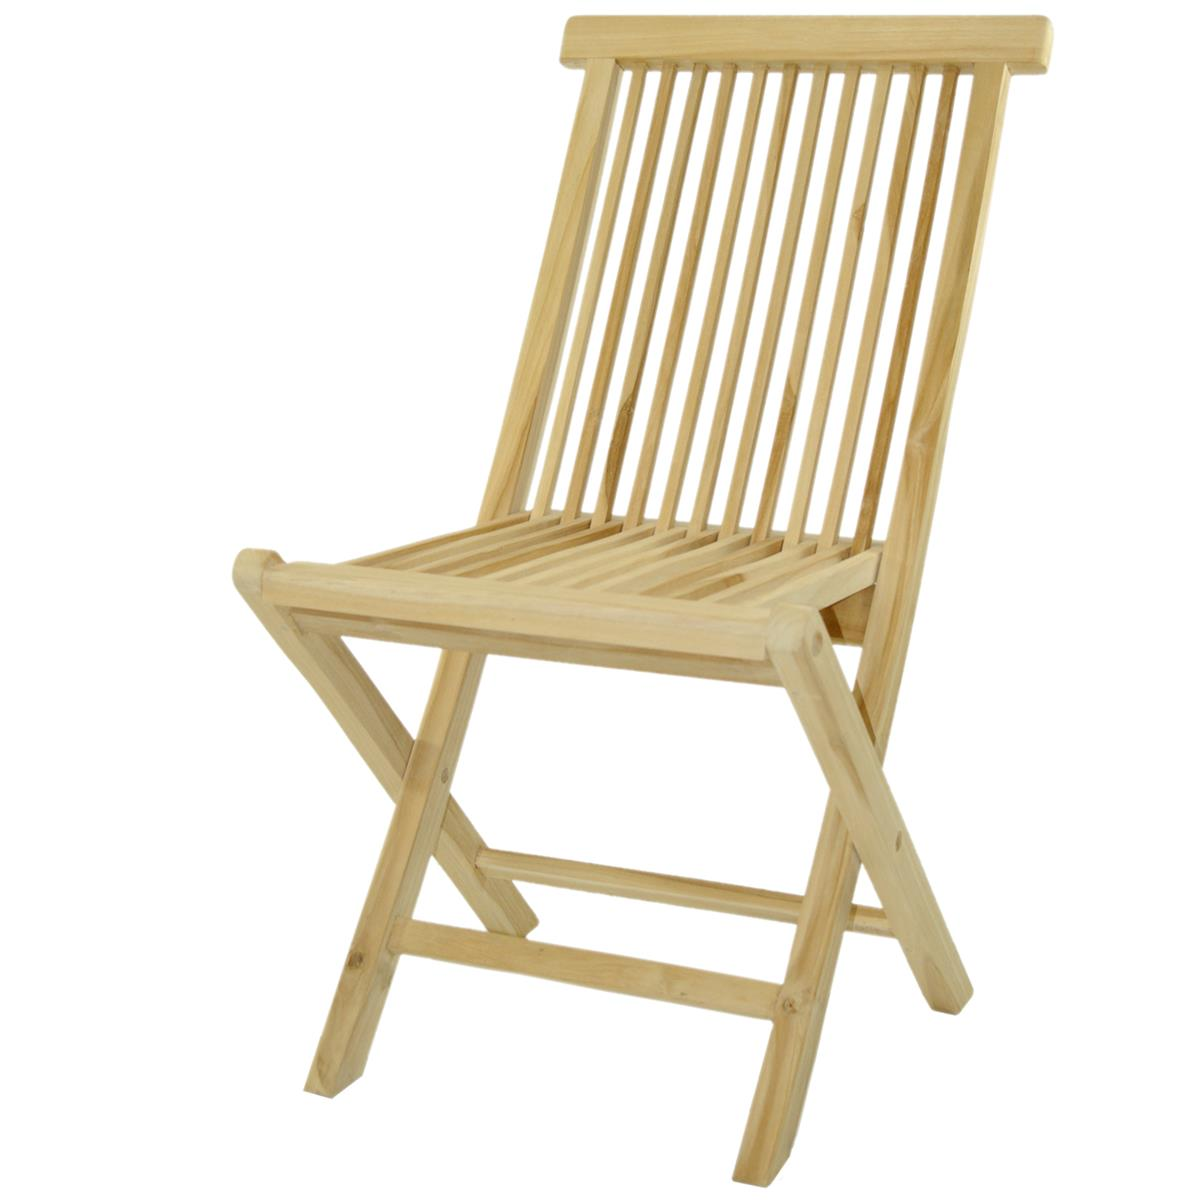 DIVERO Stuhl Teak Holz klappbar Holzstuhl Klappstuhl Gartenstuhl unbehandelt